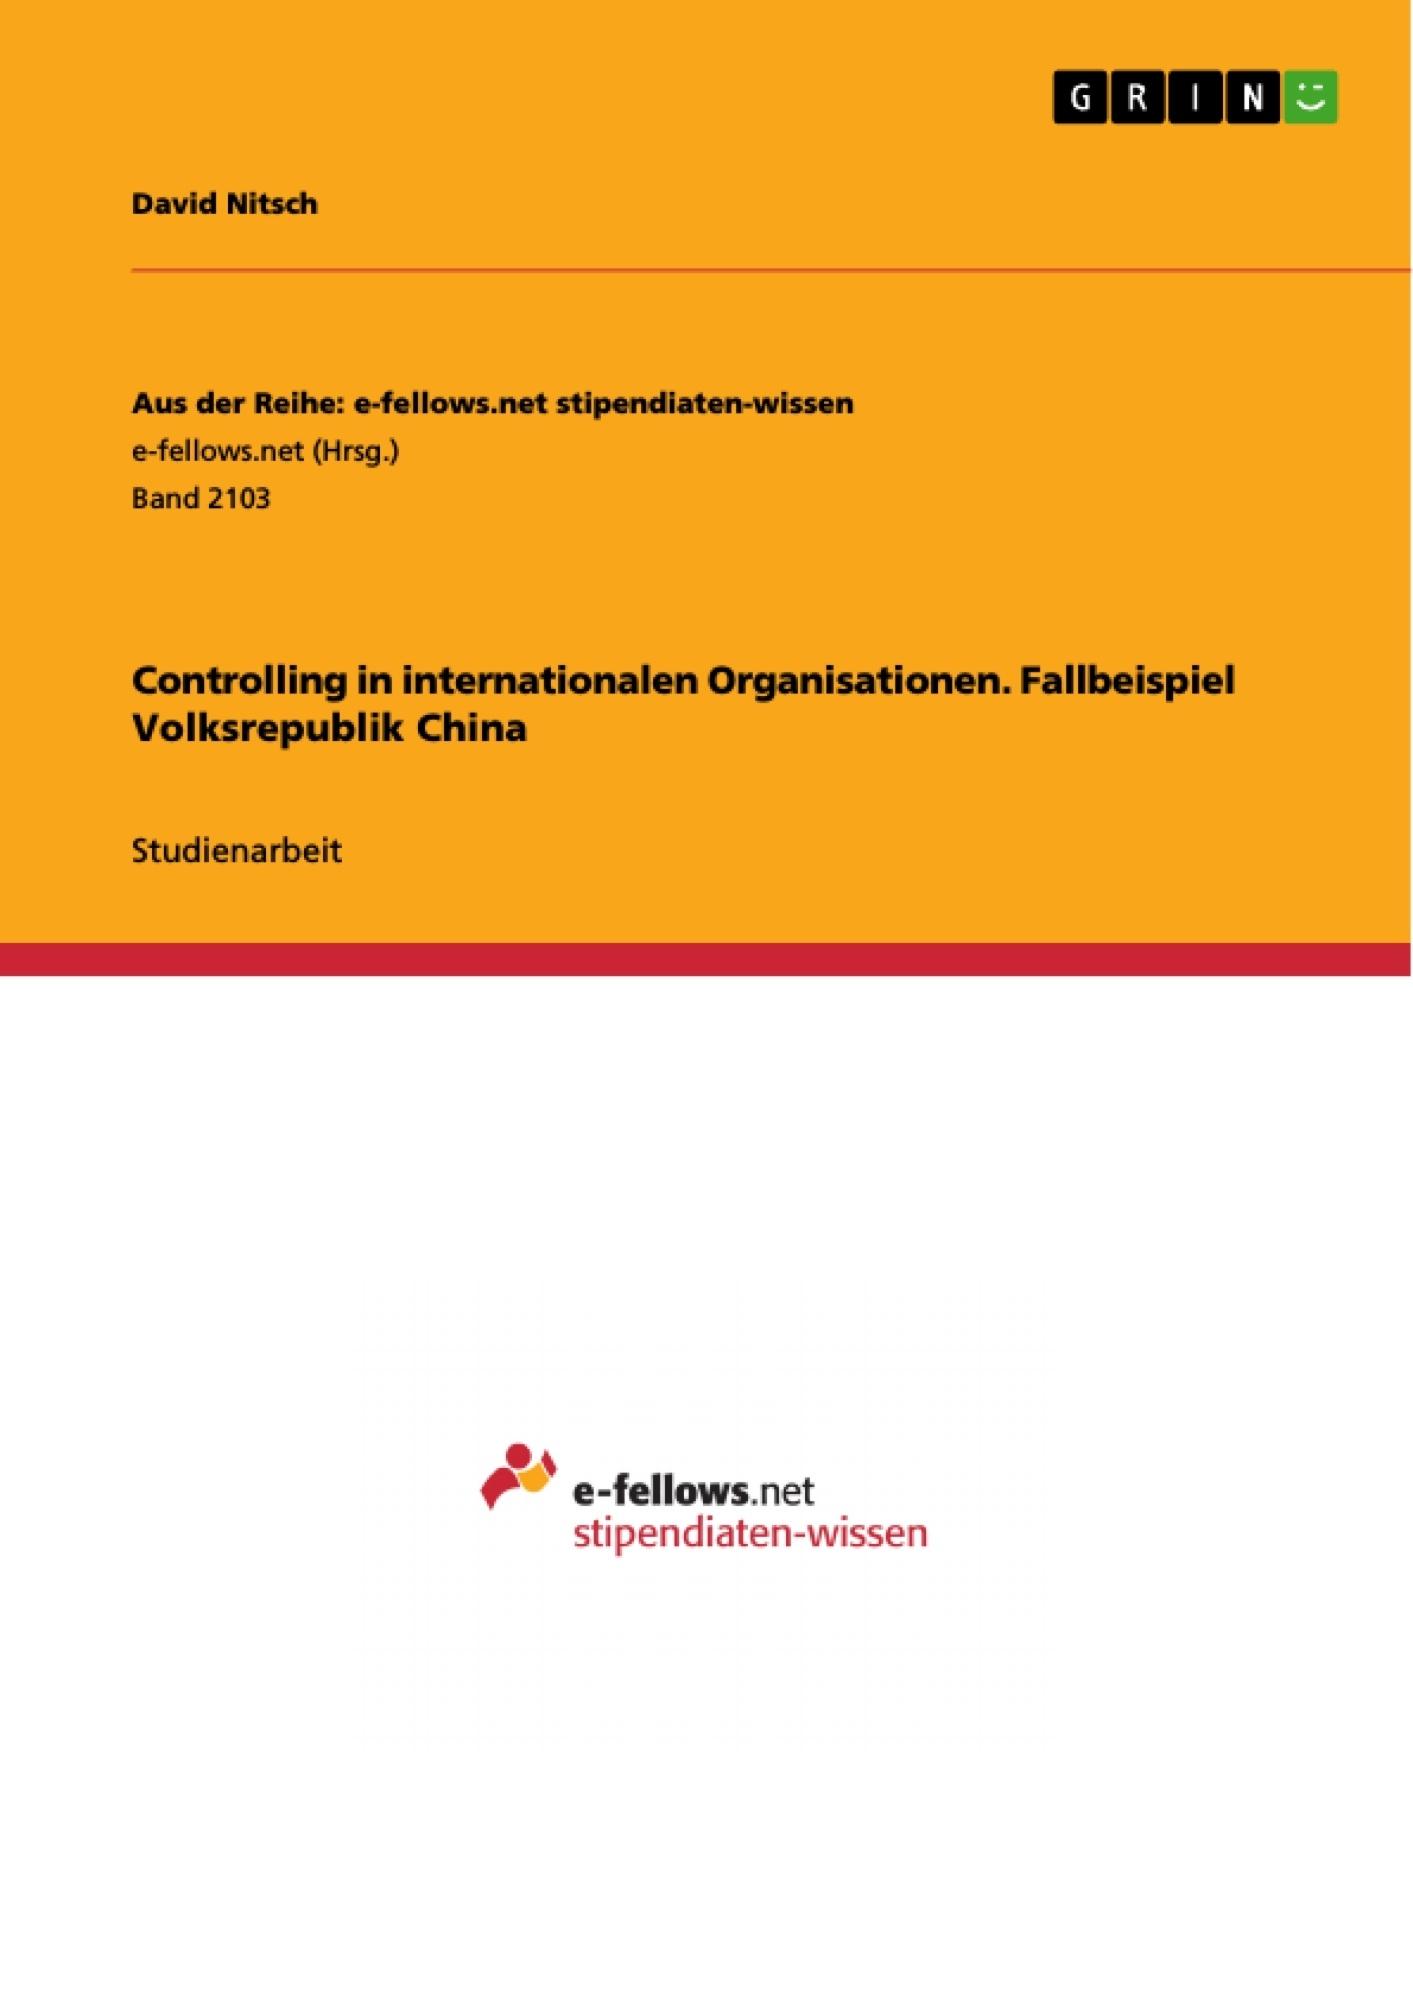 Titel: Controlling in internationalen Organisationen. Fallbeispiel Volksrepublik China